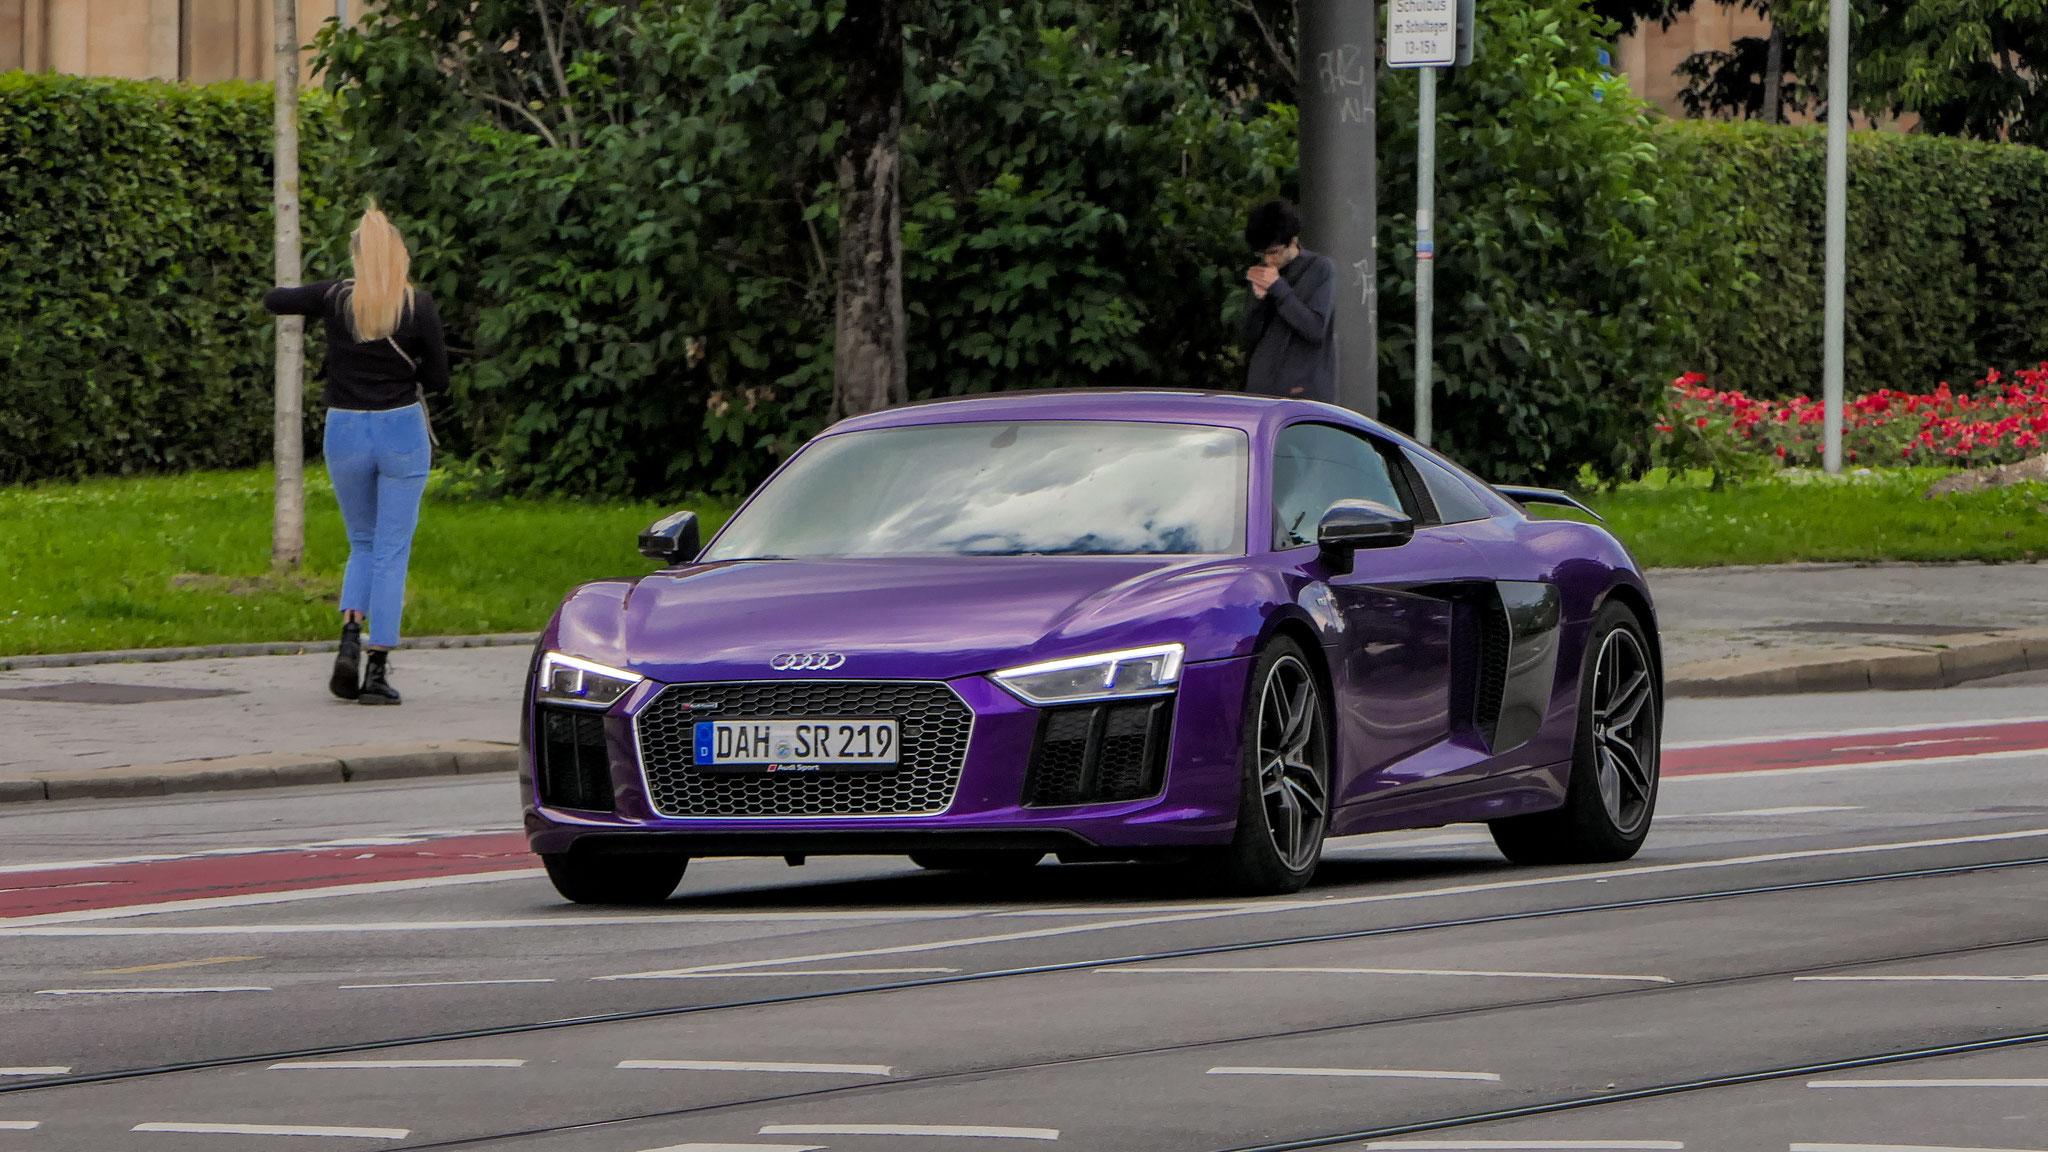 Audi R8 V10 - DAH-SR-219